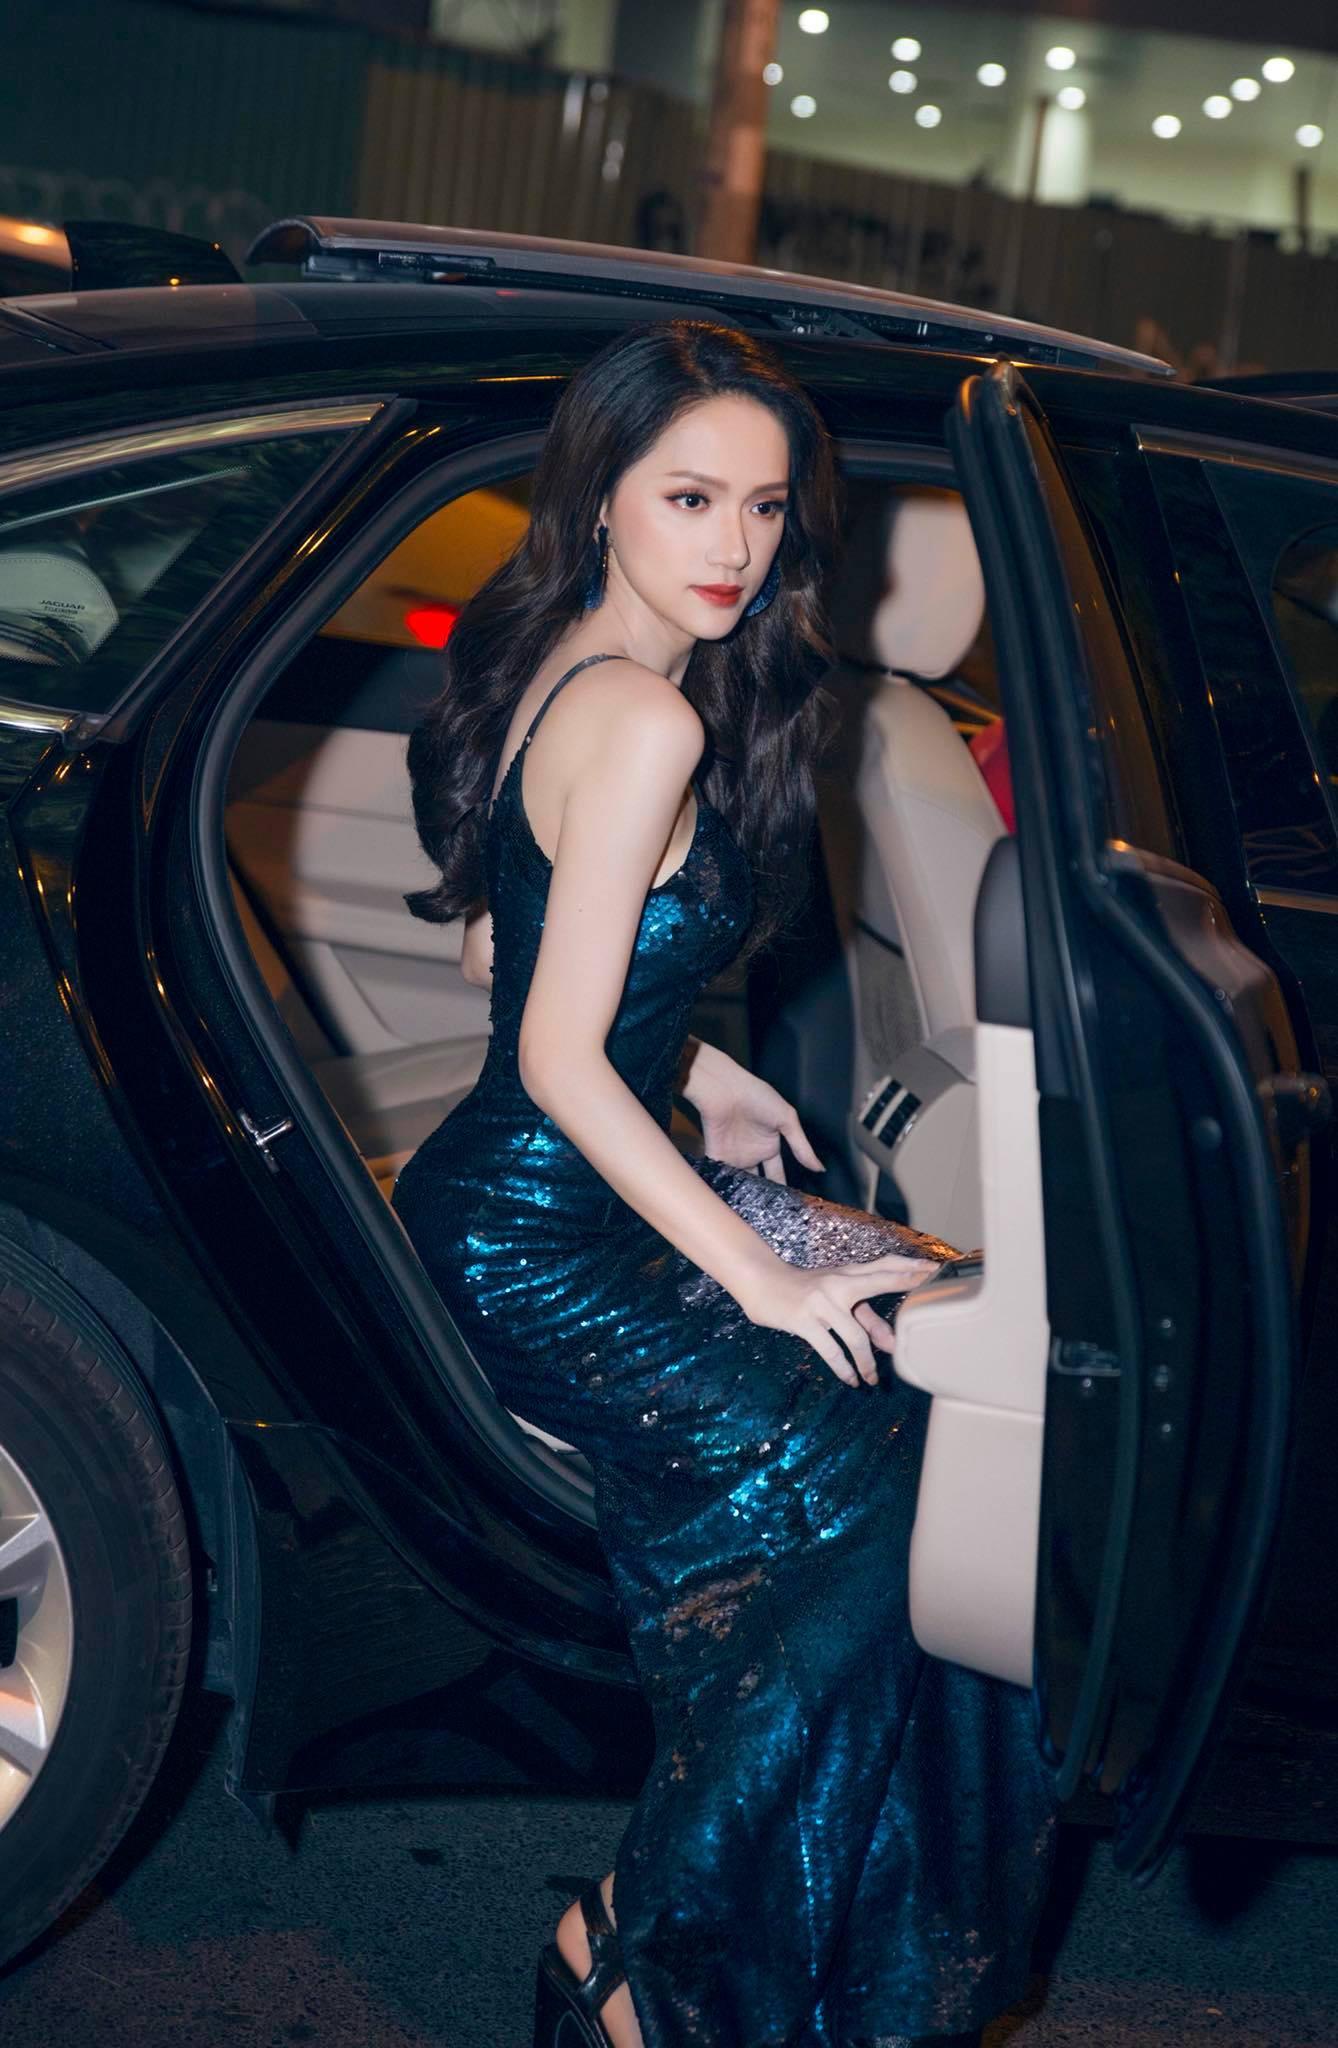 Những chiếc váy giúp Hoa hậu Hương Giang nâng tầm đẳng cấp  - Ảnh 4.